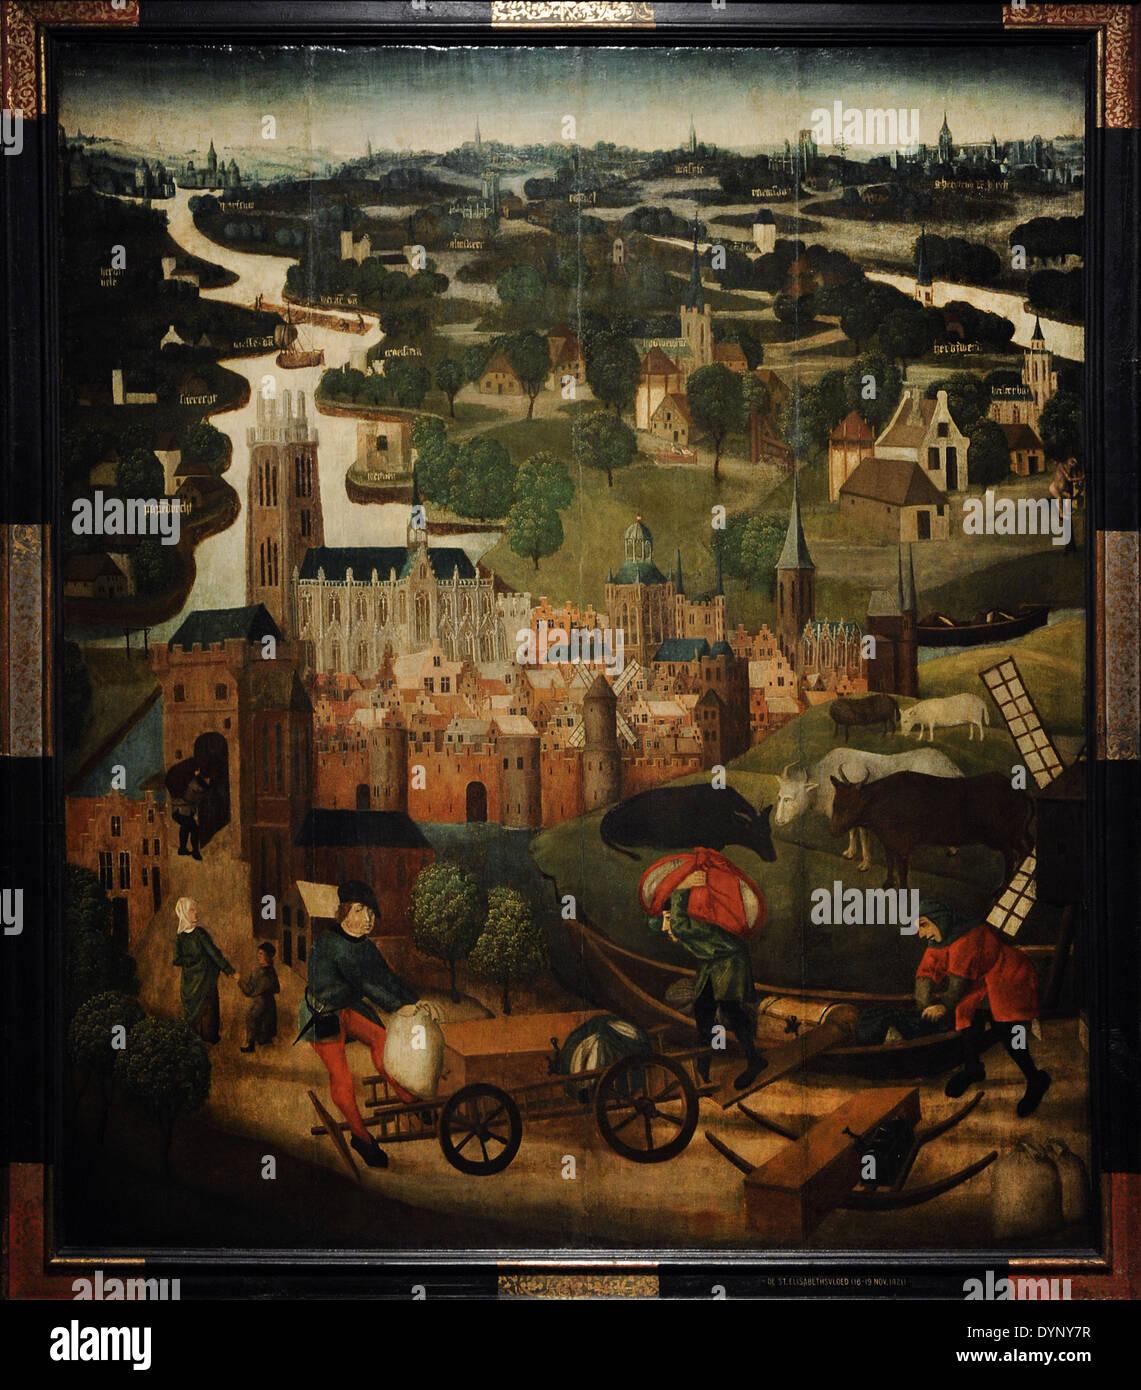 Maestro de St Elizabeth paneles, del siglo XV. La inundación del día de Santa Isabel, c. 1490-1495. Rijksmuseum. Amsterdam. Holland. Imagen De Stock